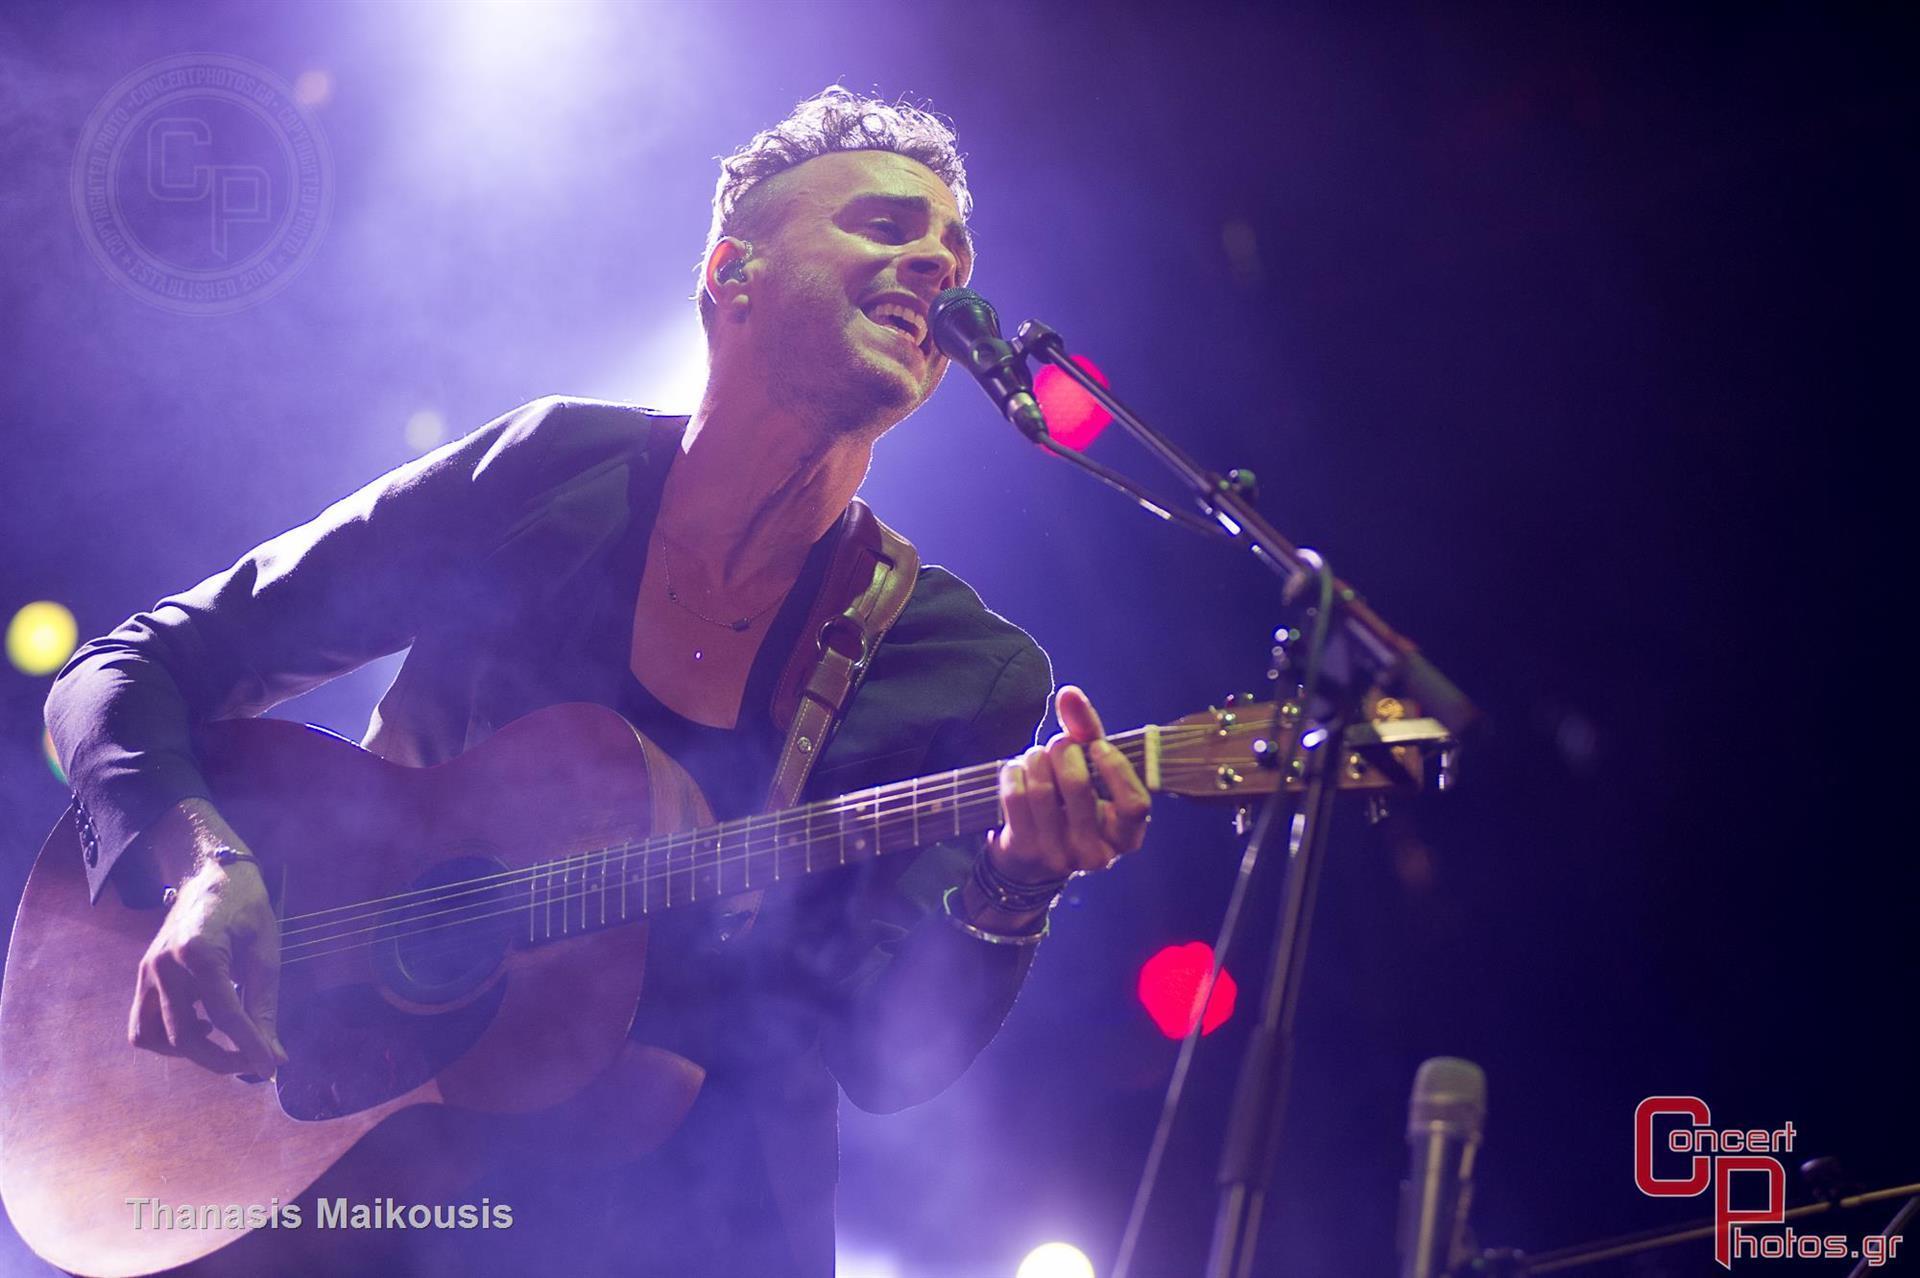 Asaf Avidan-Asaf Avidan photographer: Thanasis Maikousis - ConcertPhotos - 20150624_2107_11